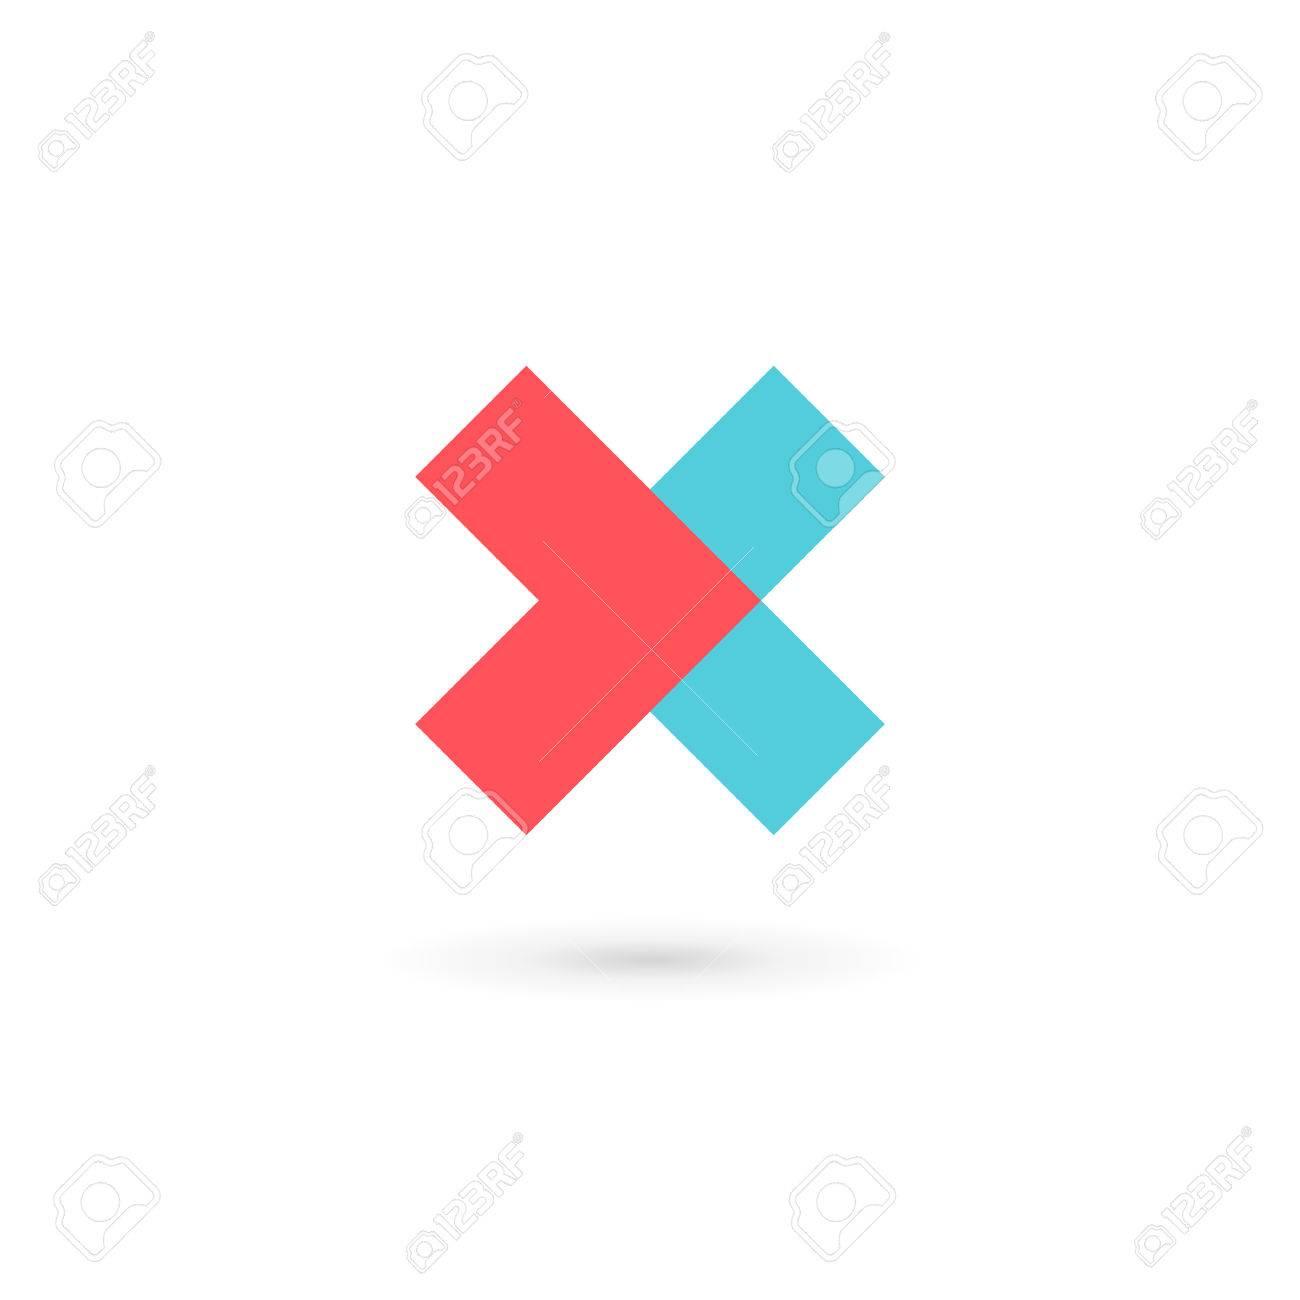 Carta X Logo Cruz Elementos De Plantilla Icono Del Diseño ...